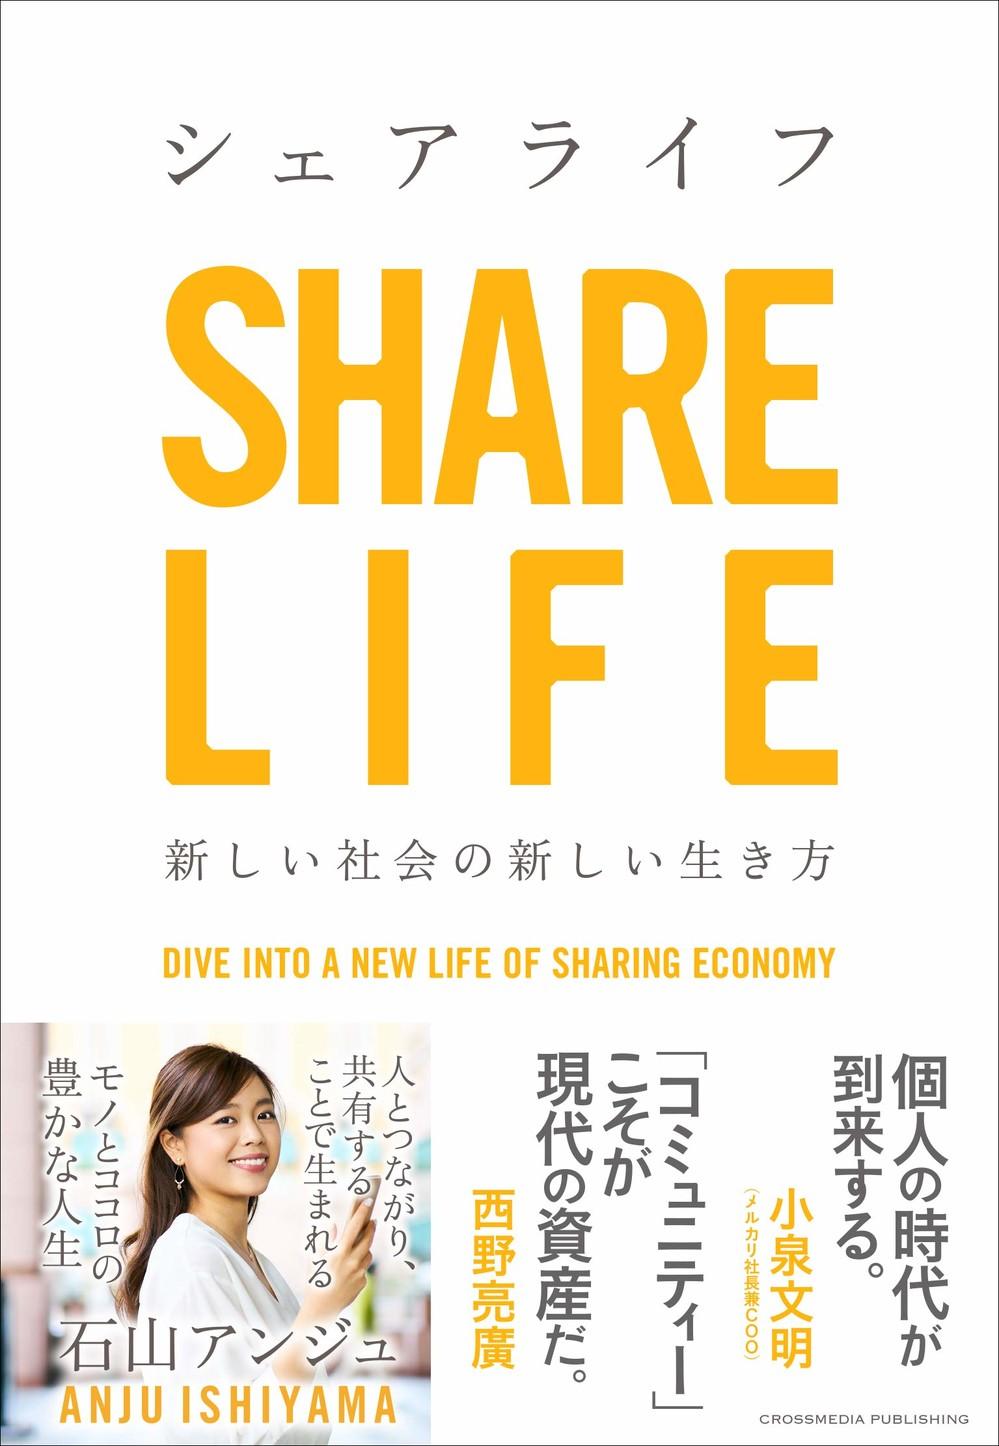 石山アンジュさんの著書『シェアライフ 新しい社会の新しい生き方』(クロスメディア・パブリッシング発行、インプレス発売、税別1280円)